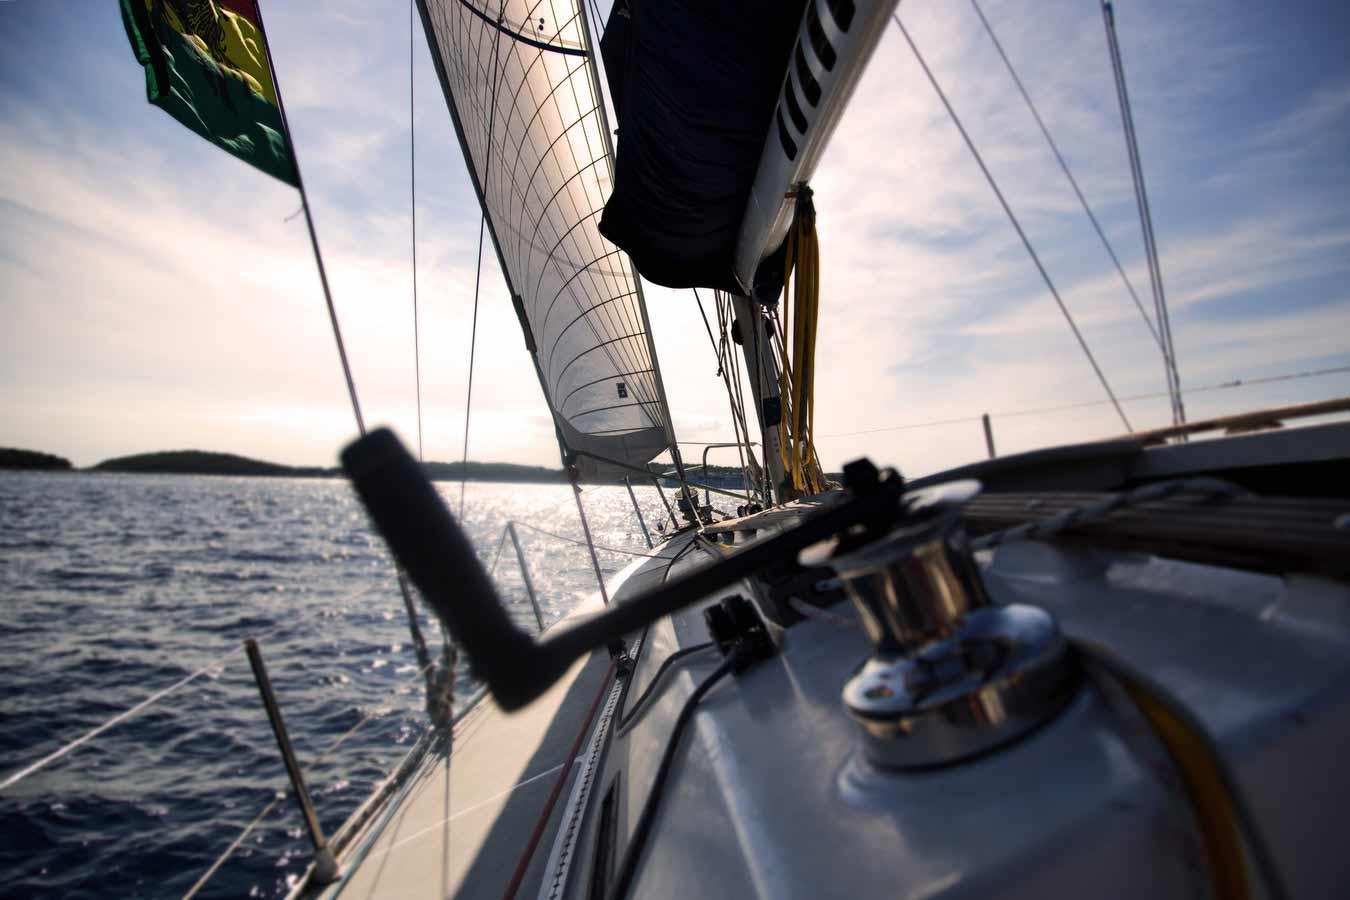 afiliado deportivo - Doramas club de navegación